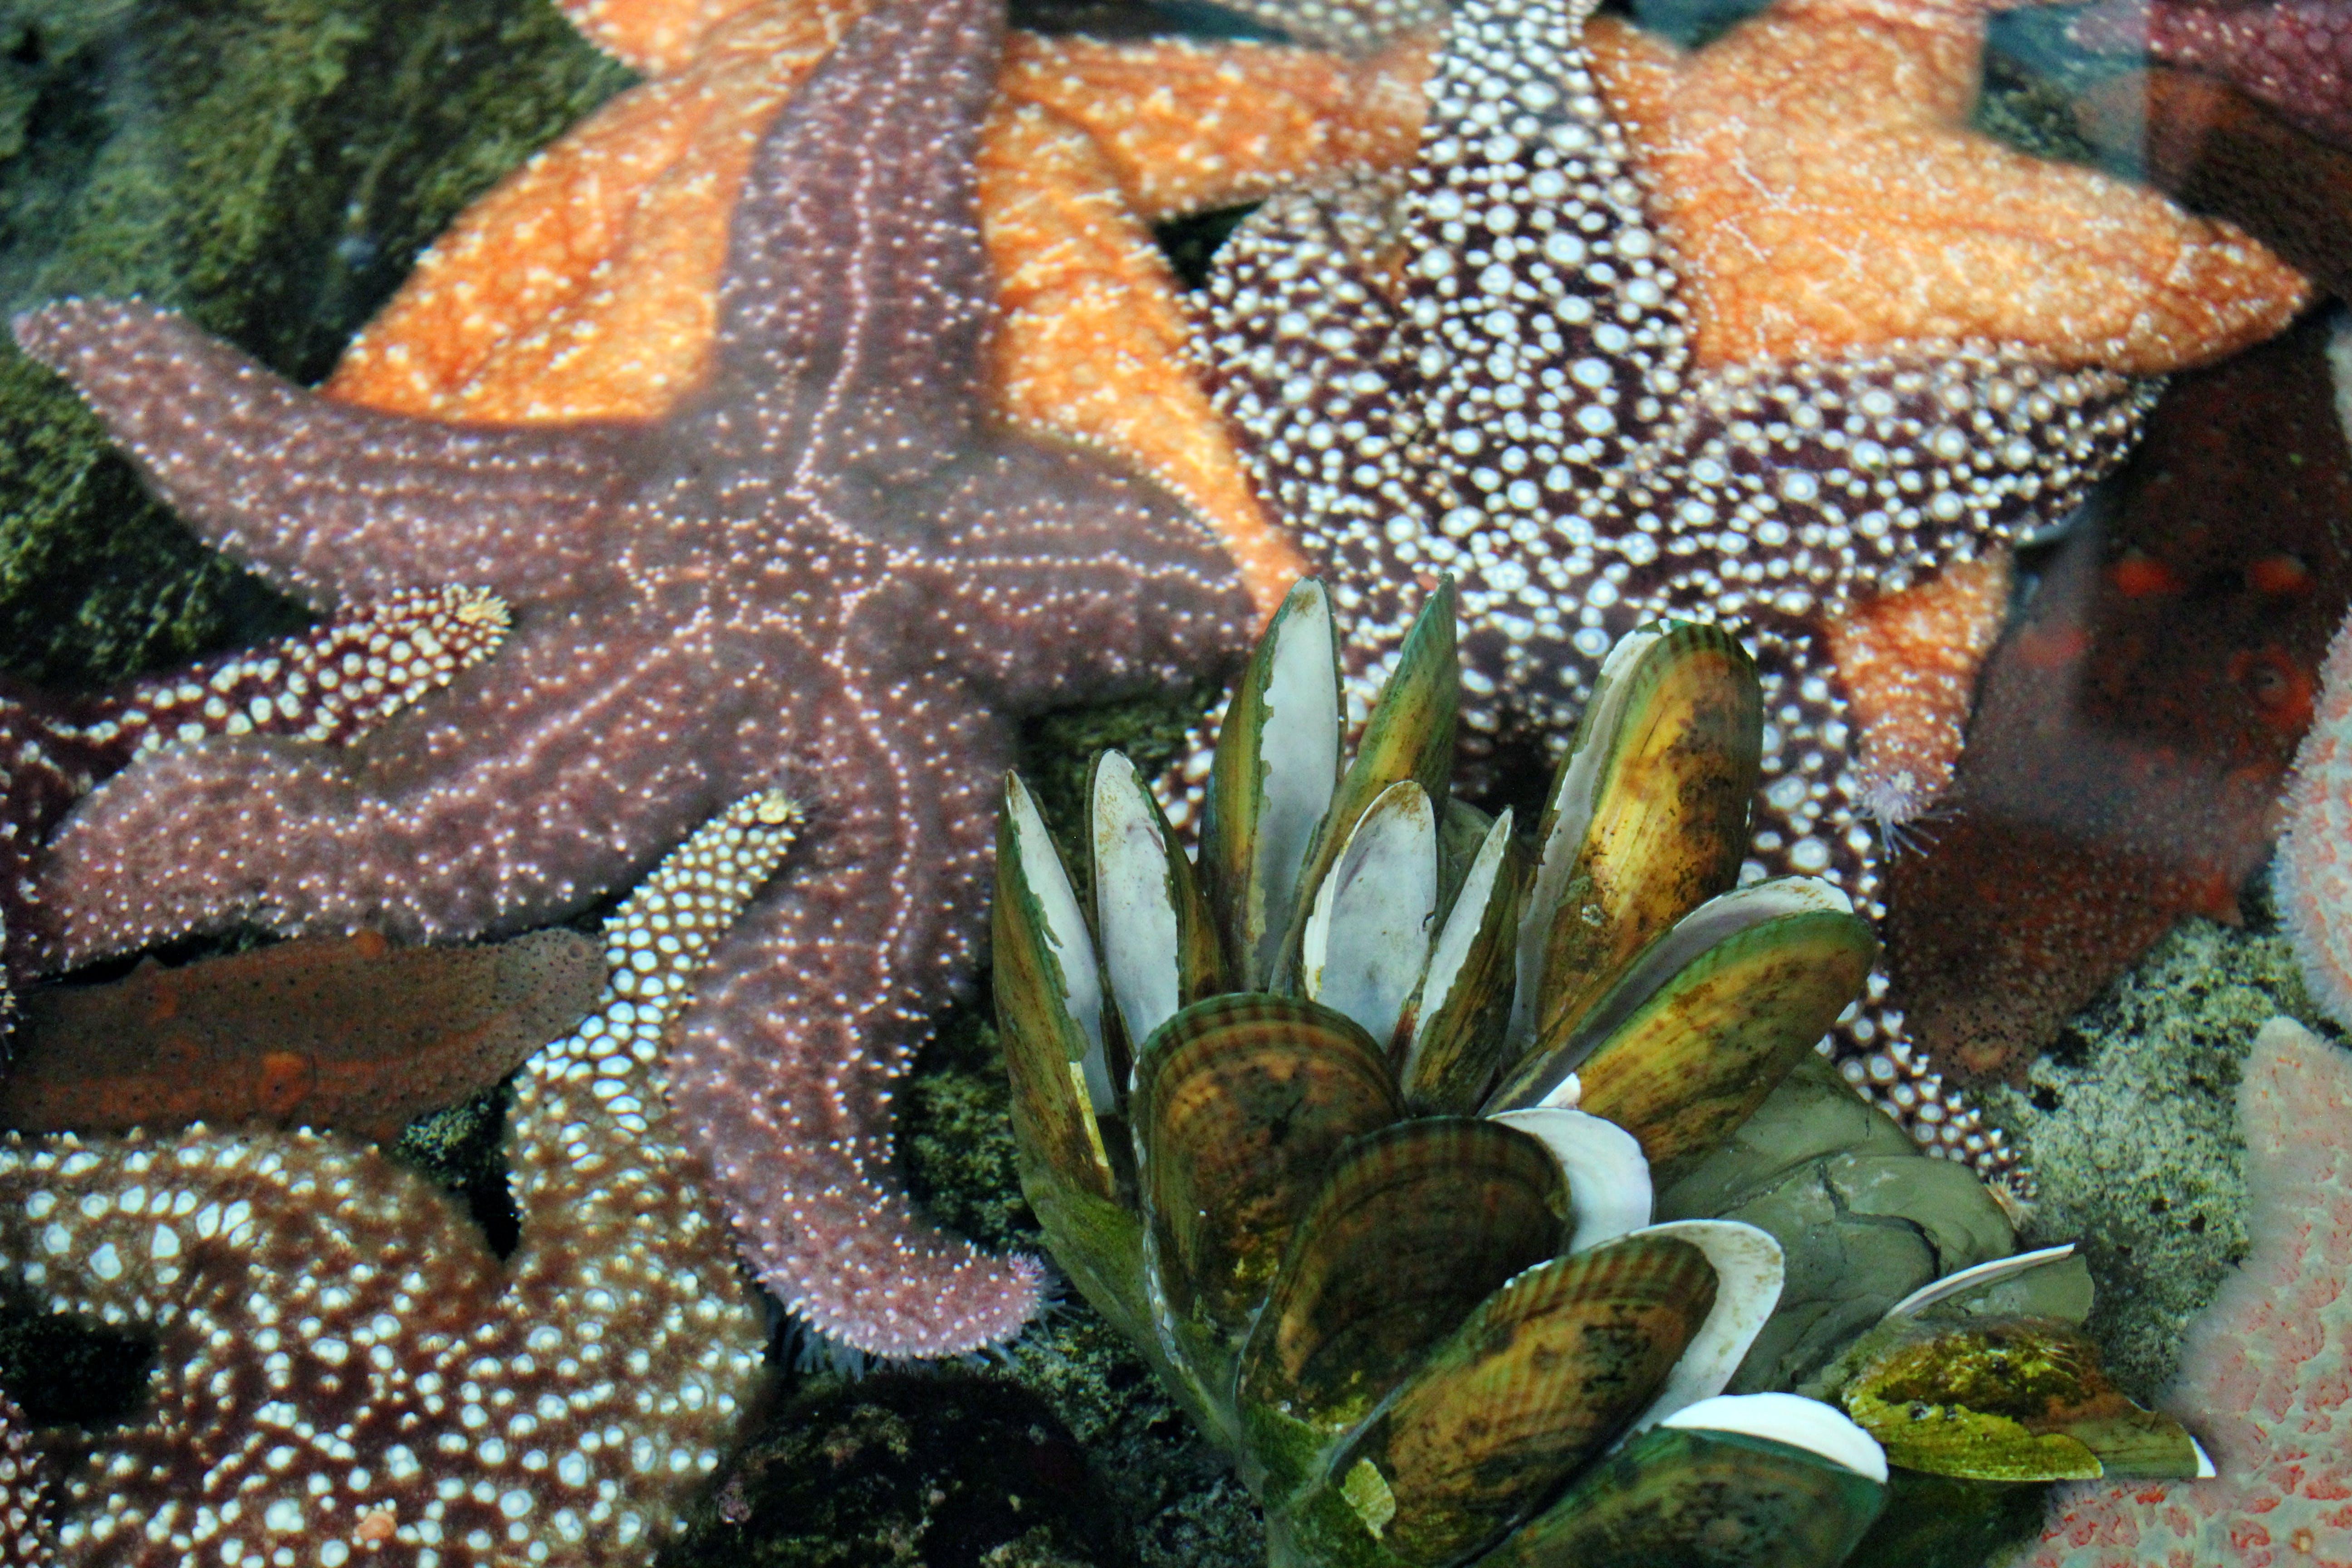 Free stock photo of starfish